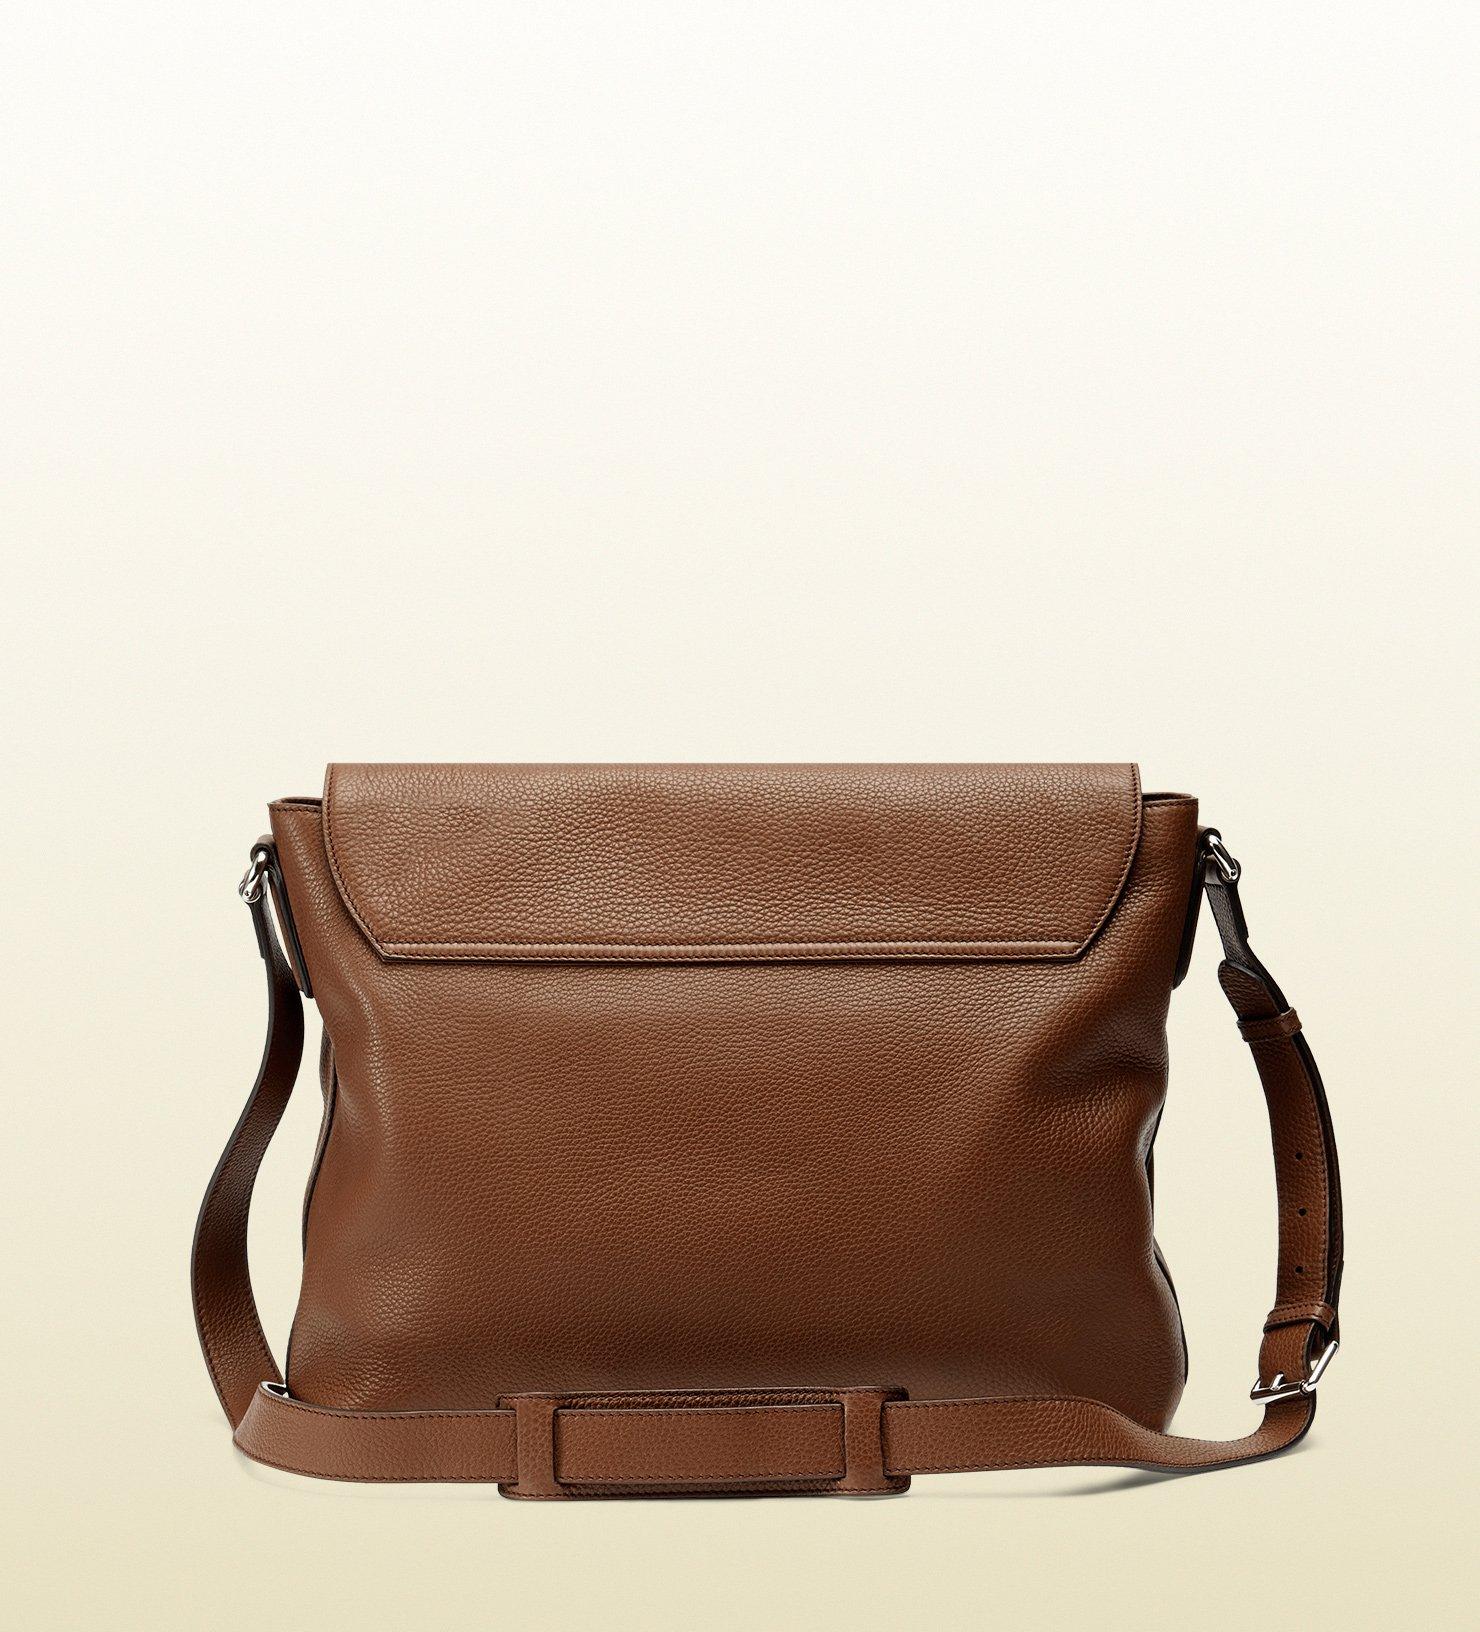 lyst gucci soho leather messenger bag in brown for men. Black Bedroom Furniture Sets. Home Design Ideas